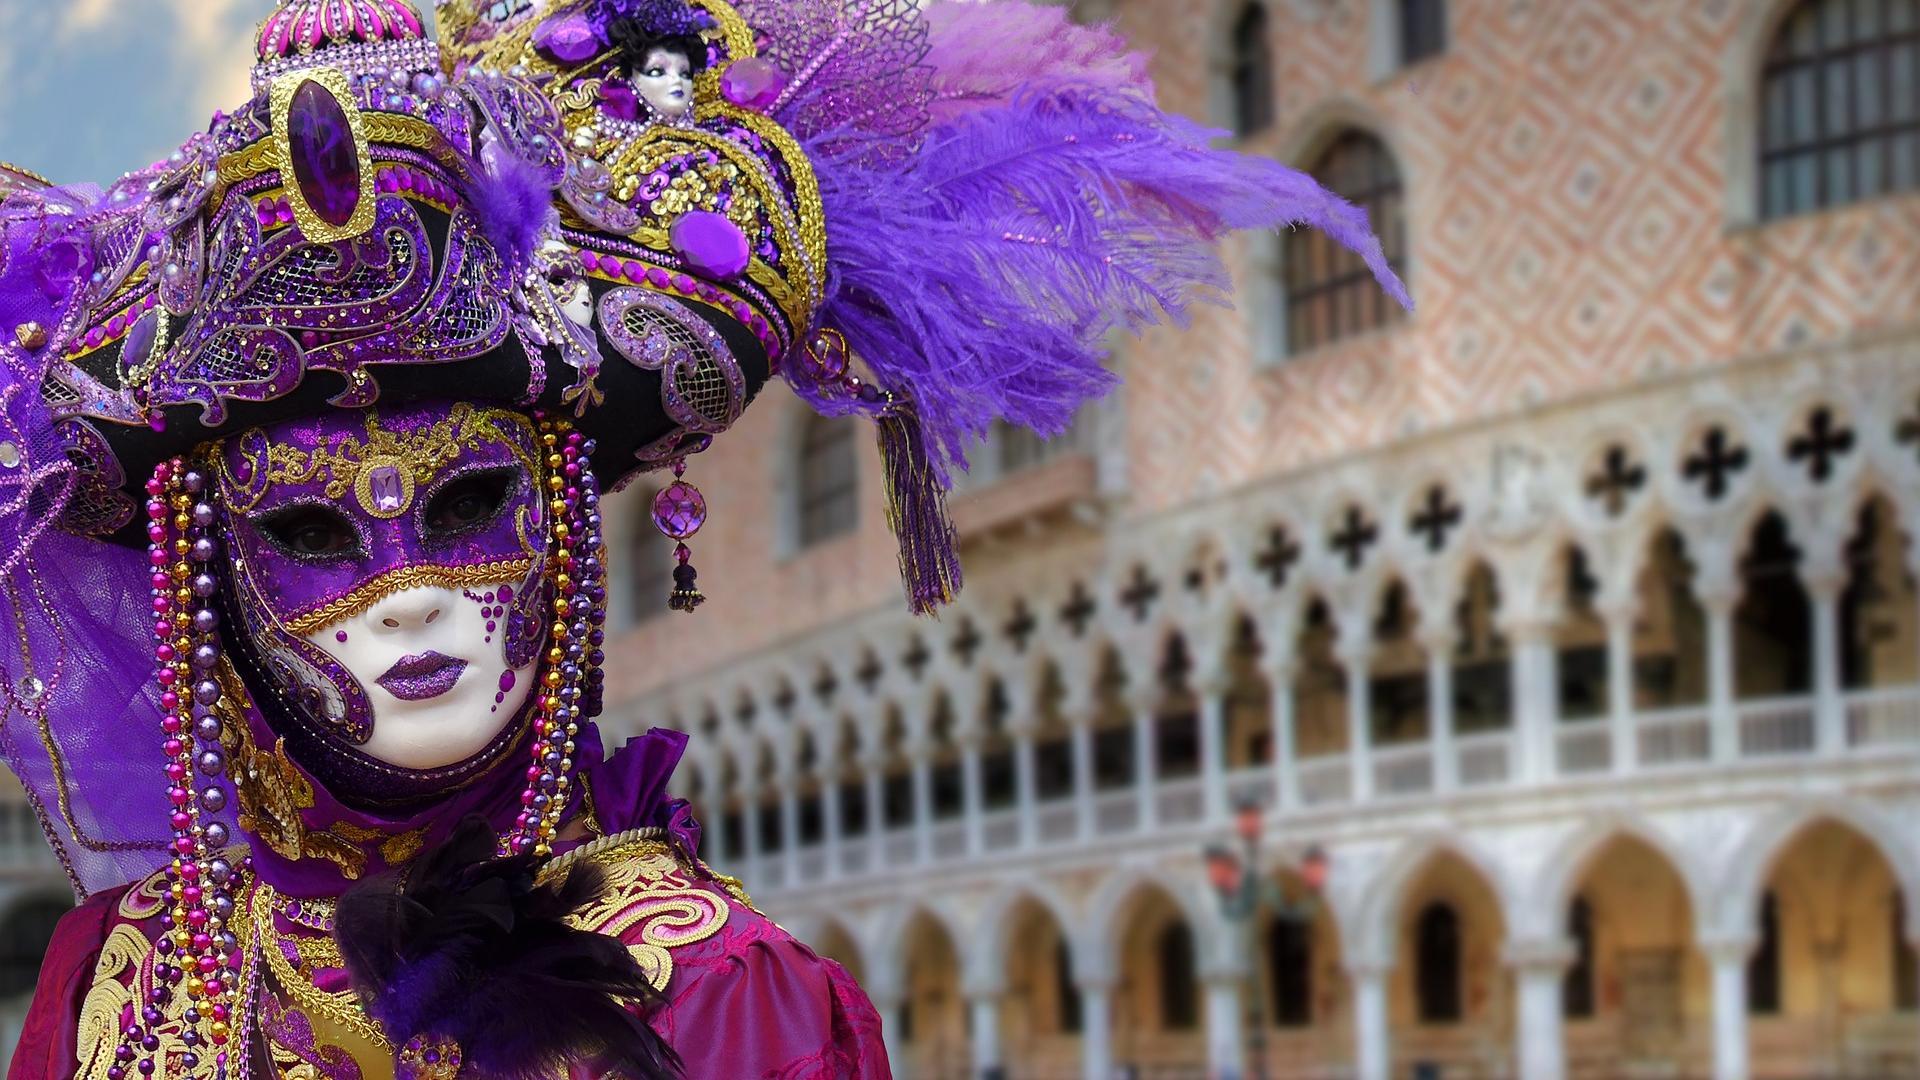 Венецианский карнавал + Верона 2020 с 8 февраля до 25 февраля 2020